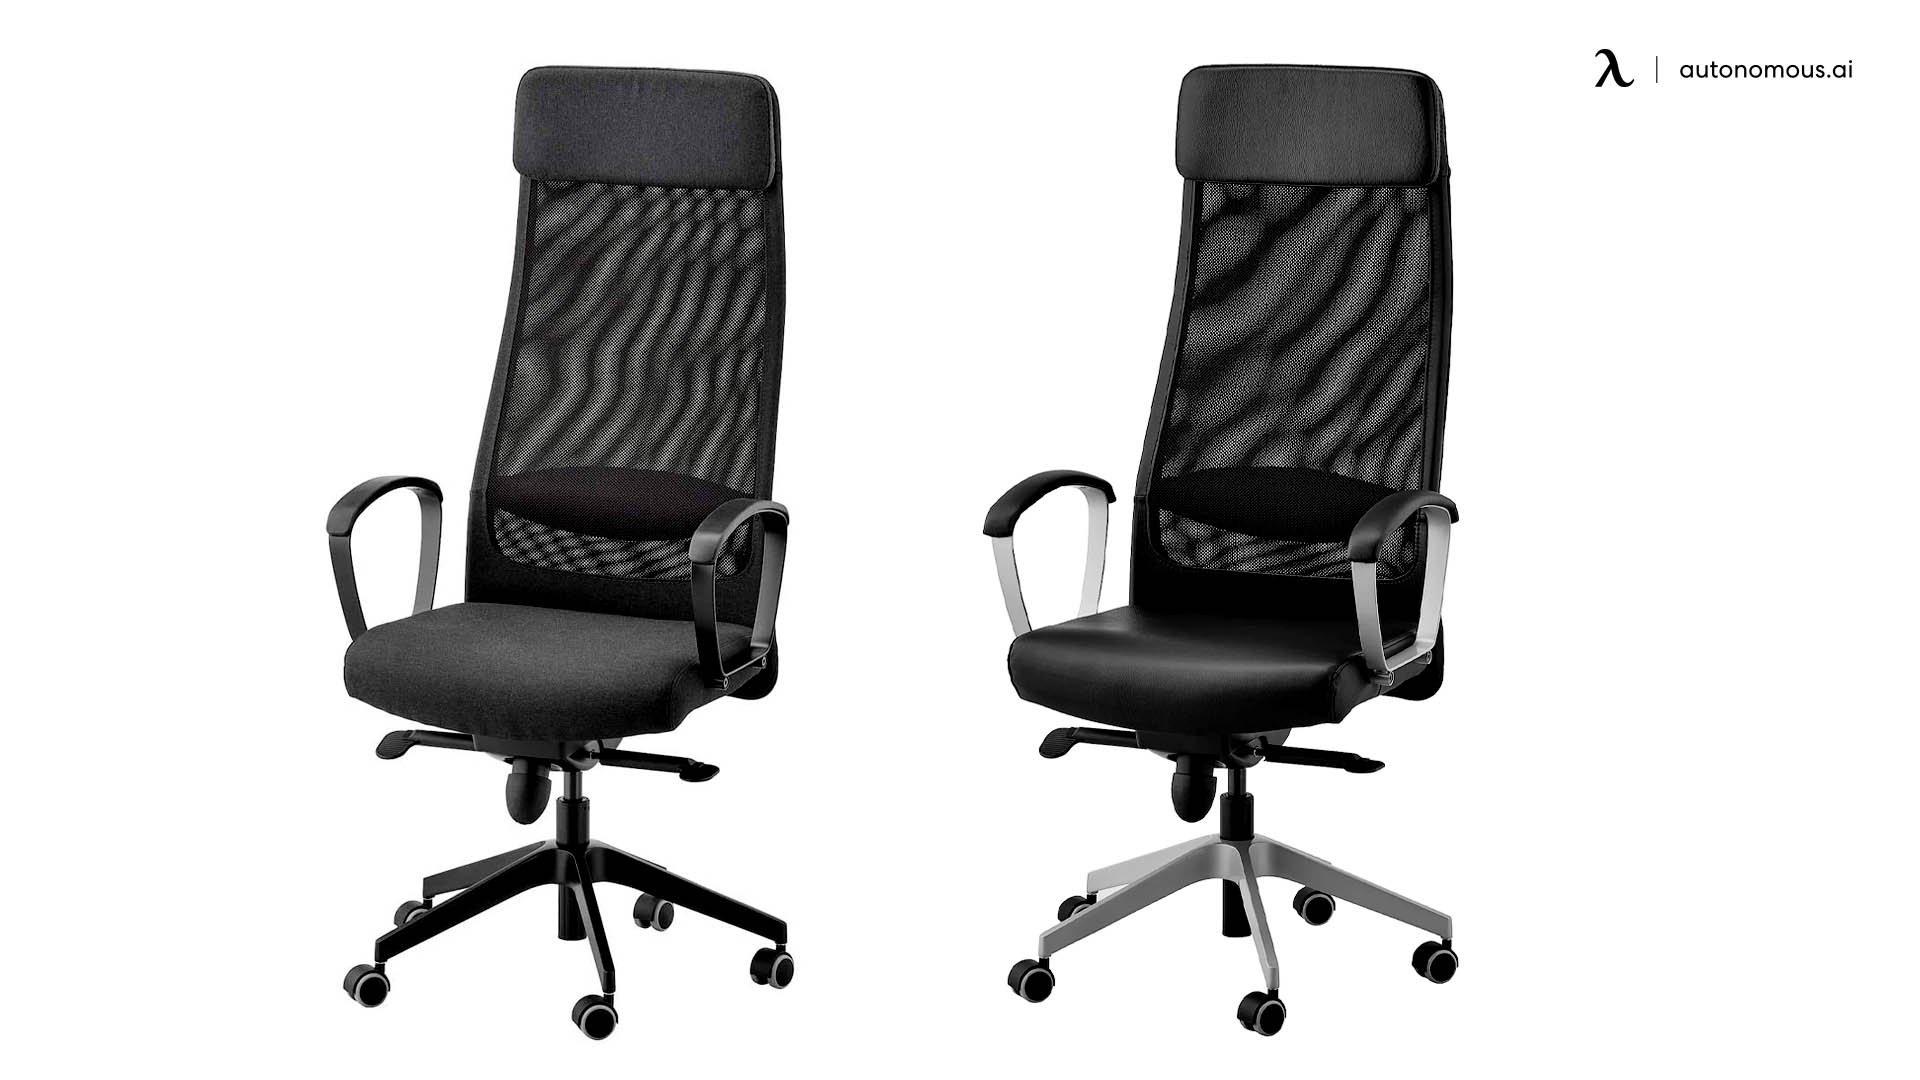 IKEA Markus Chair